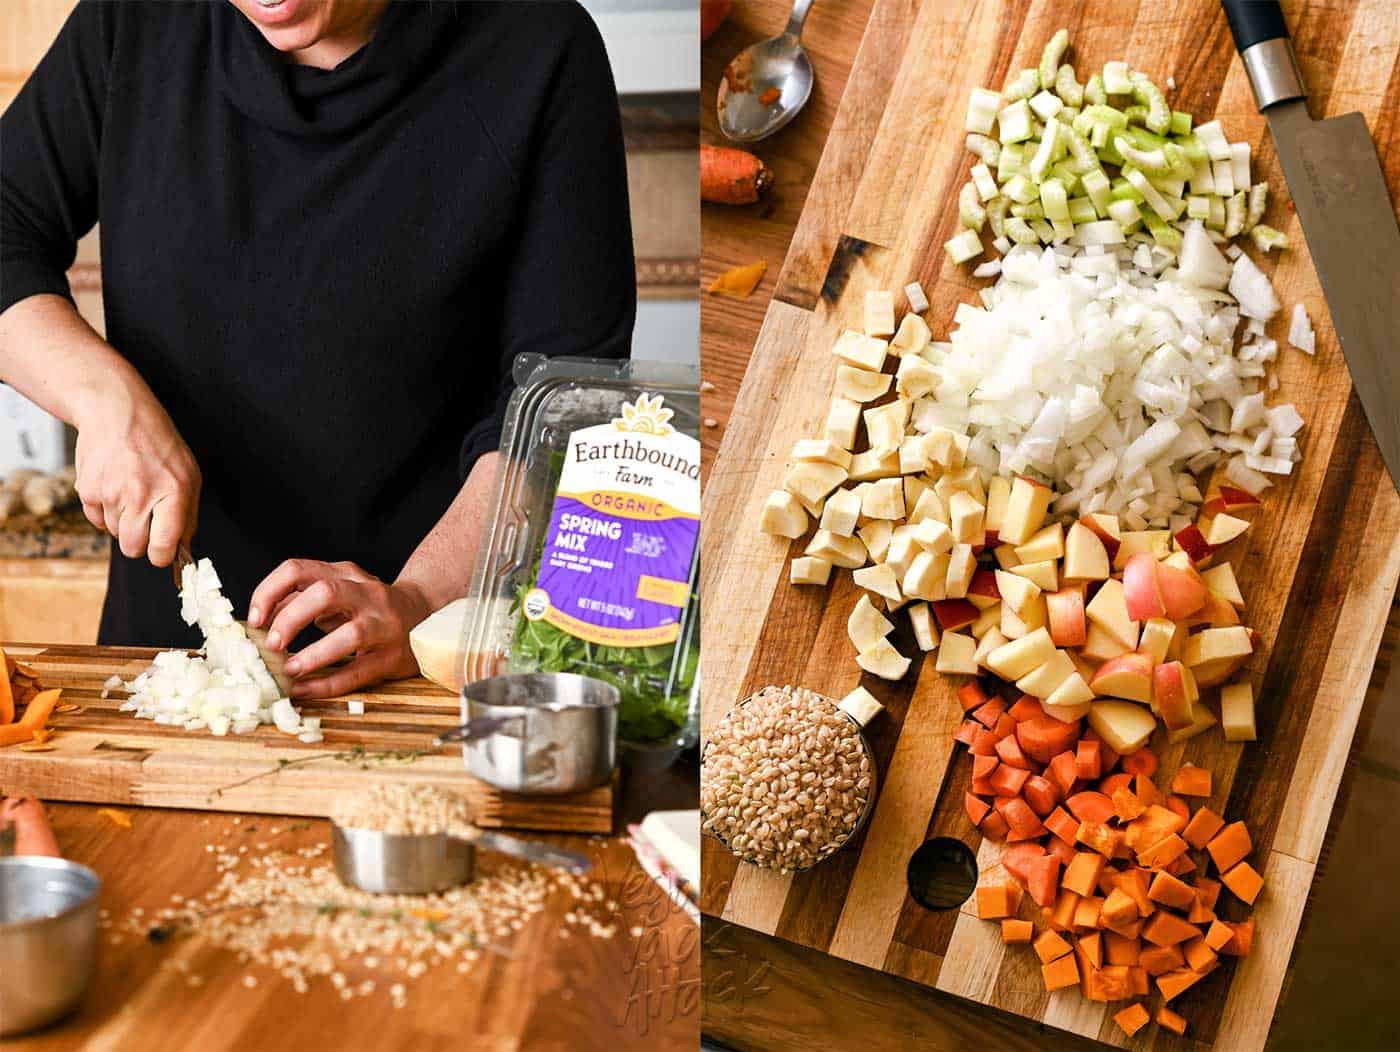 Prepping ingredients to make vegan stuffing